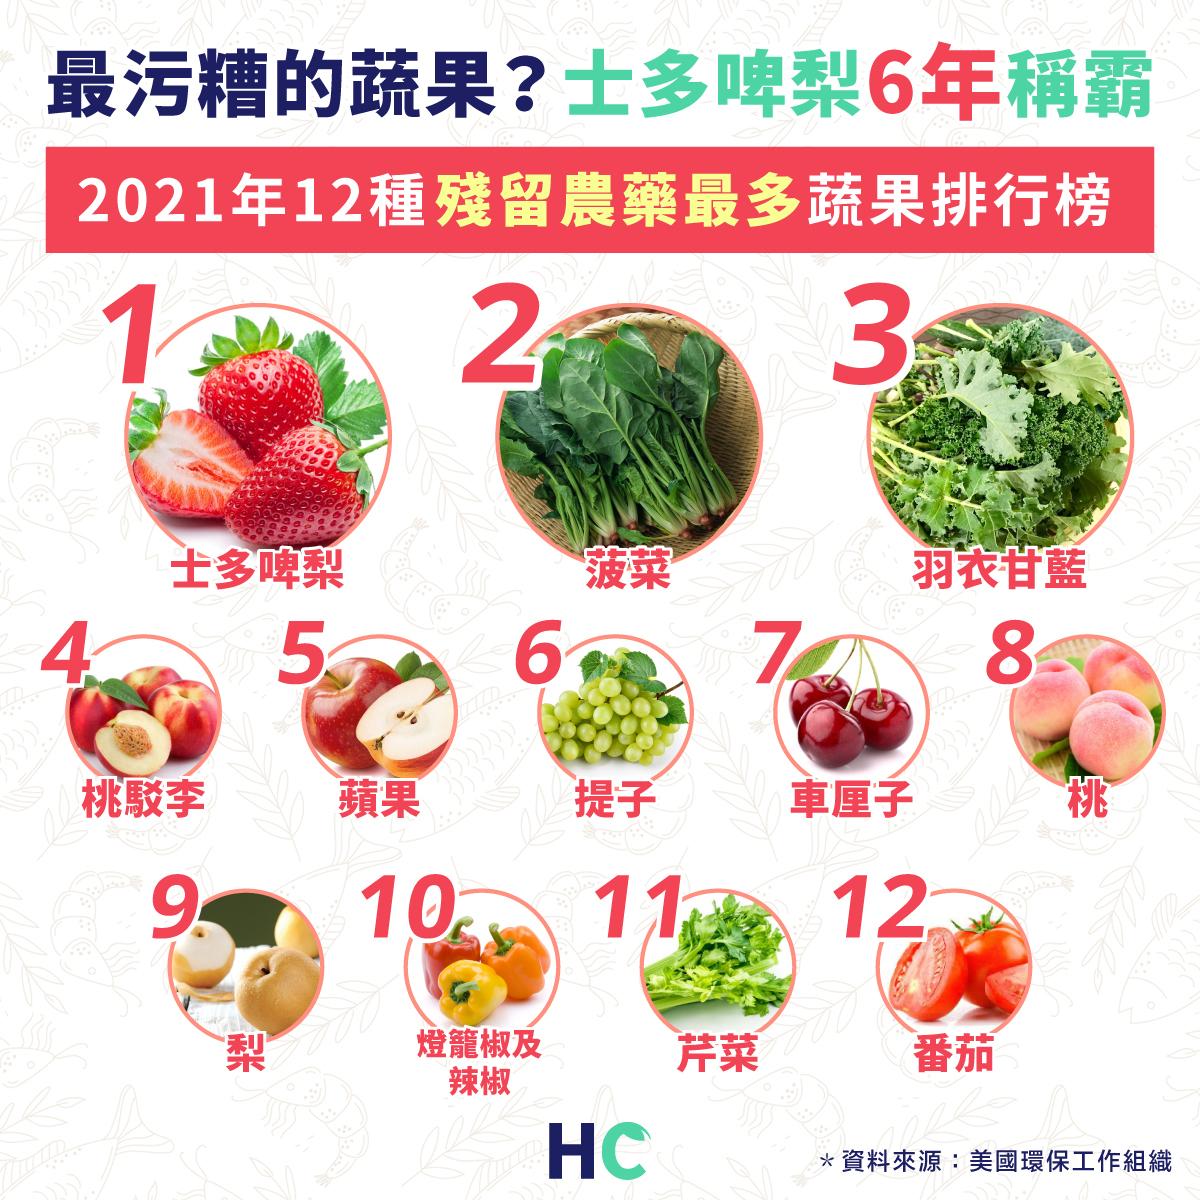 2021年殘留農藥最多蔬果排行 士多啤梨連續第5年最骯髒